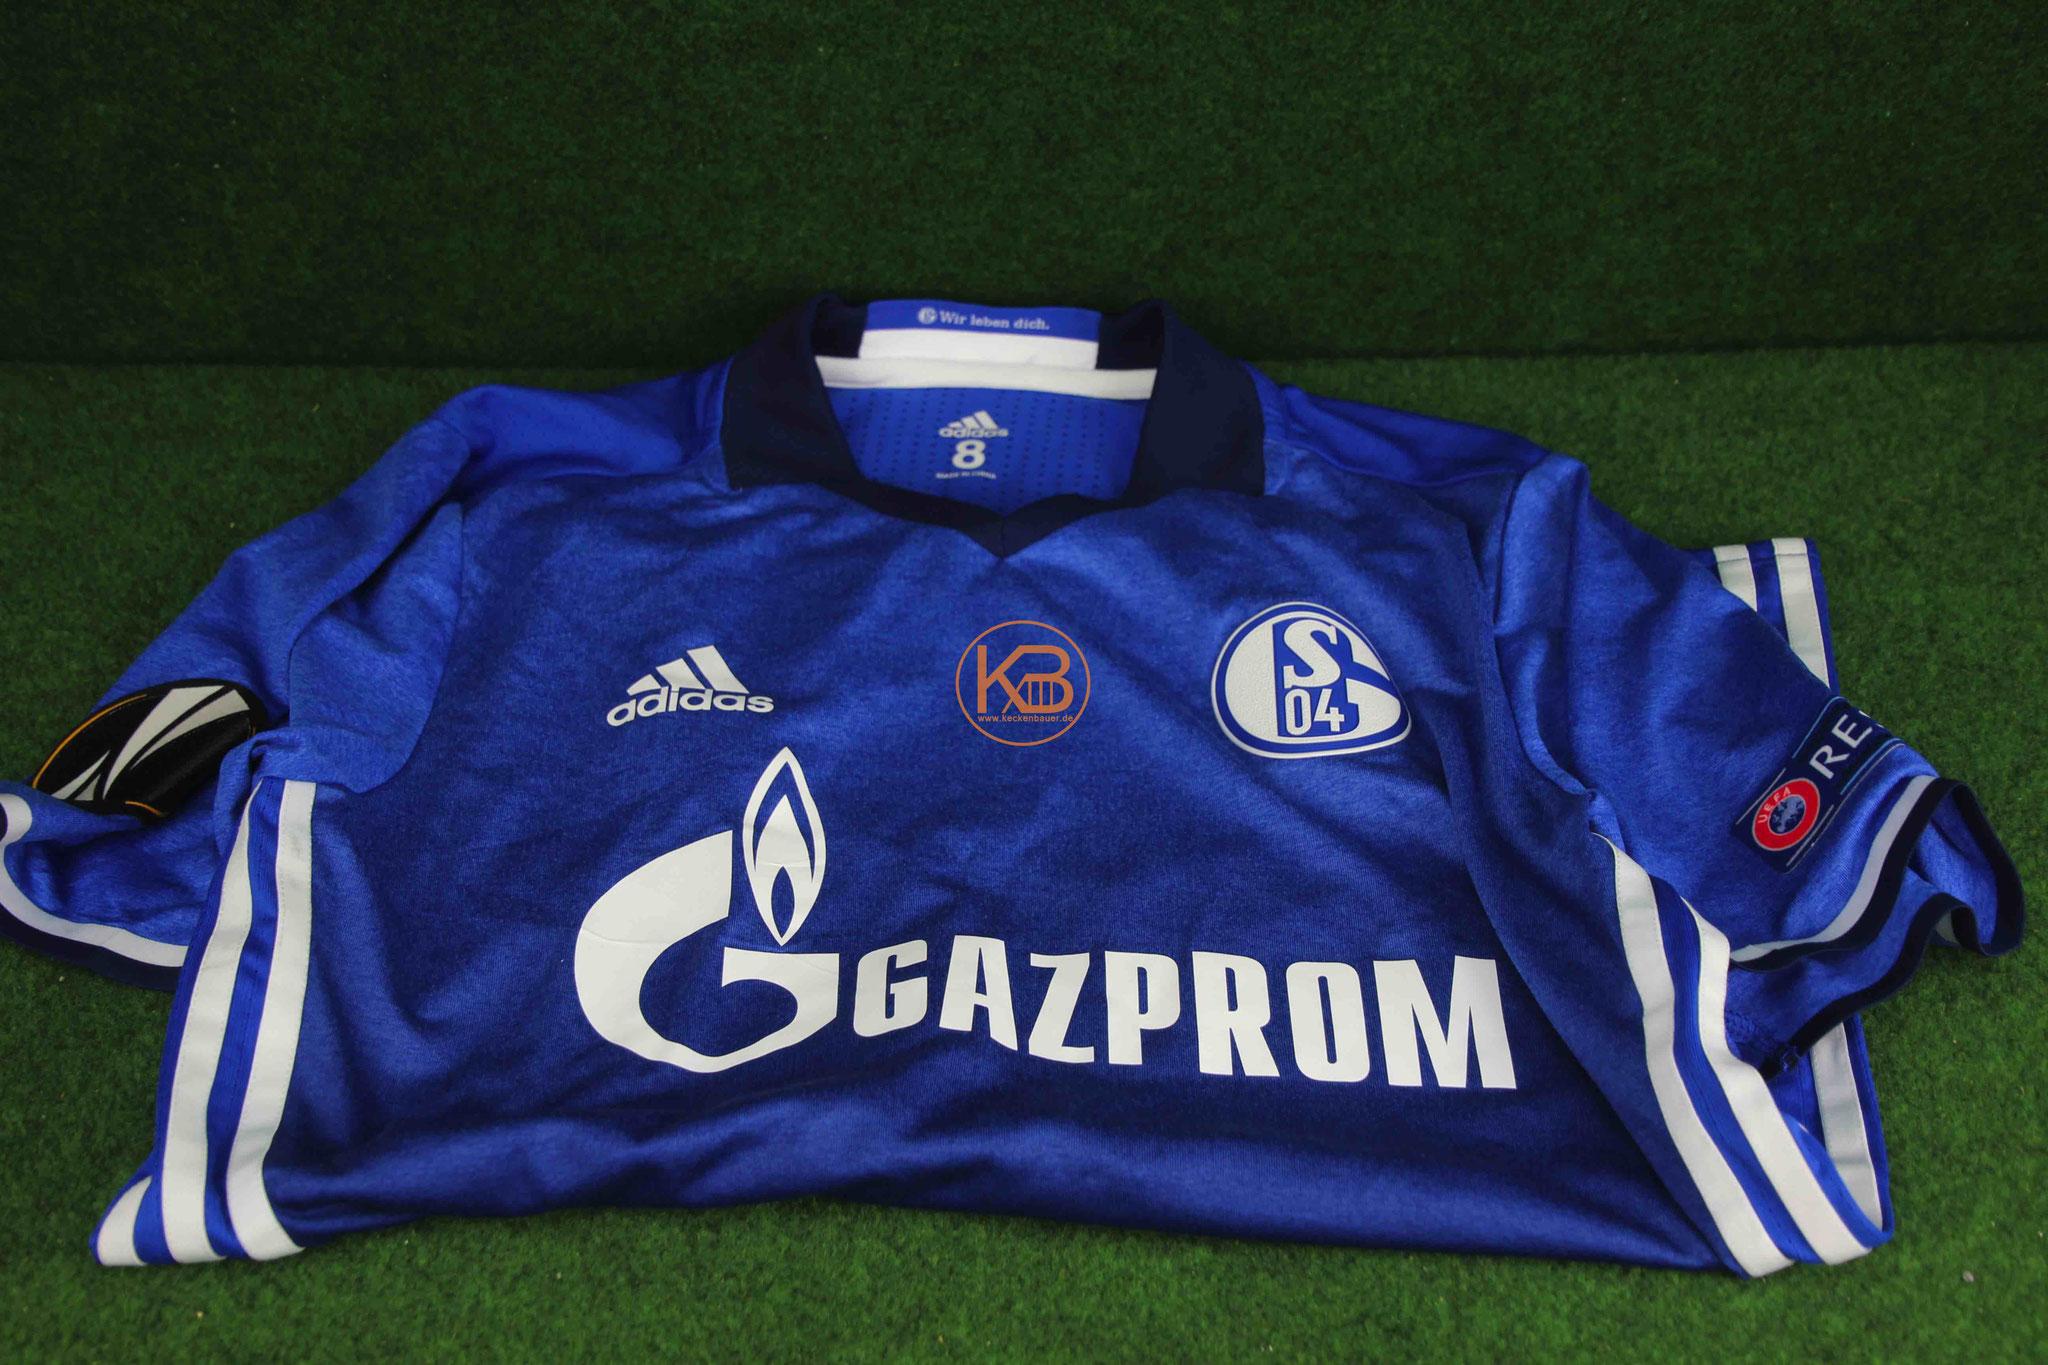 Ein original Matchprepared Uefa Pokal Trikot von Schalke 04  von Dennis Aogo 1/2